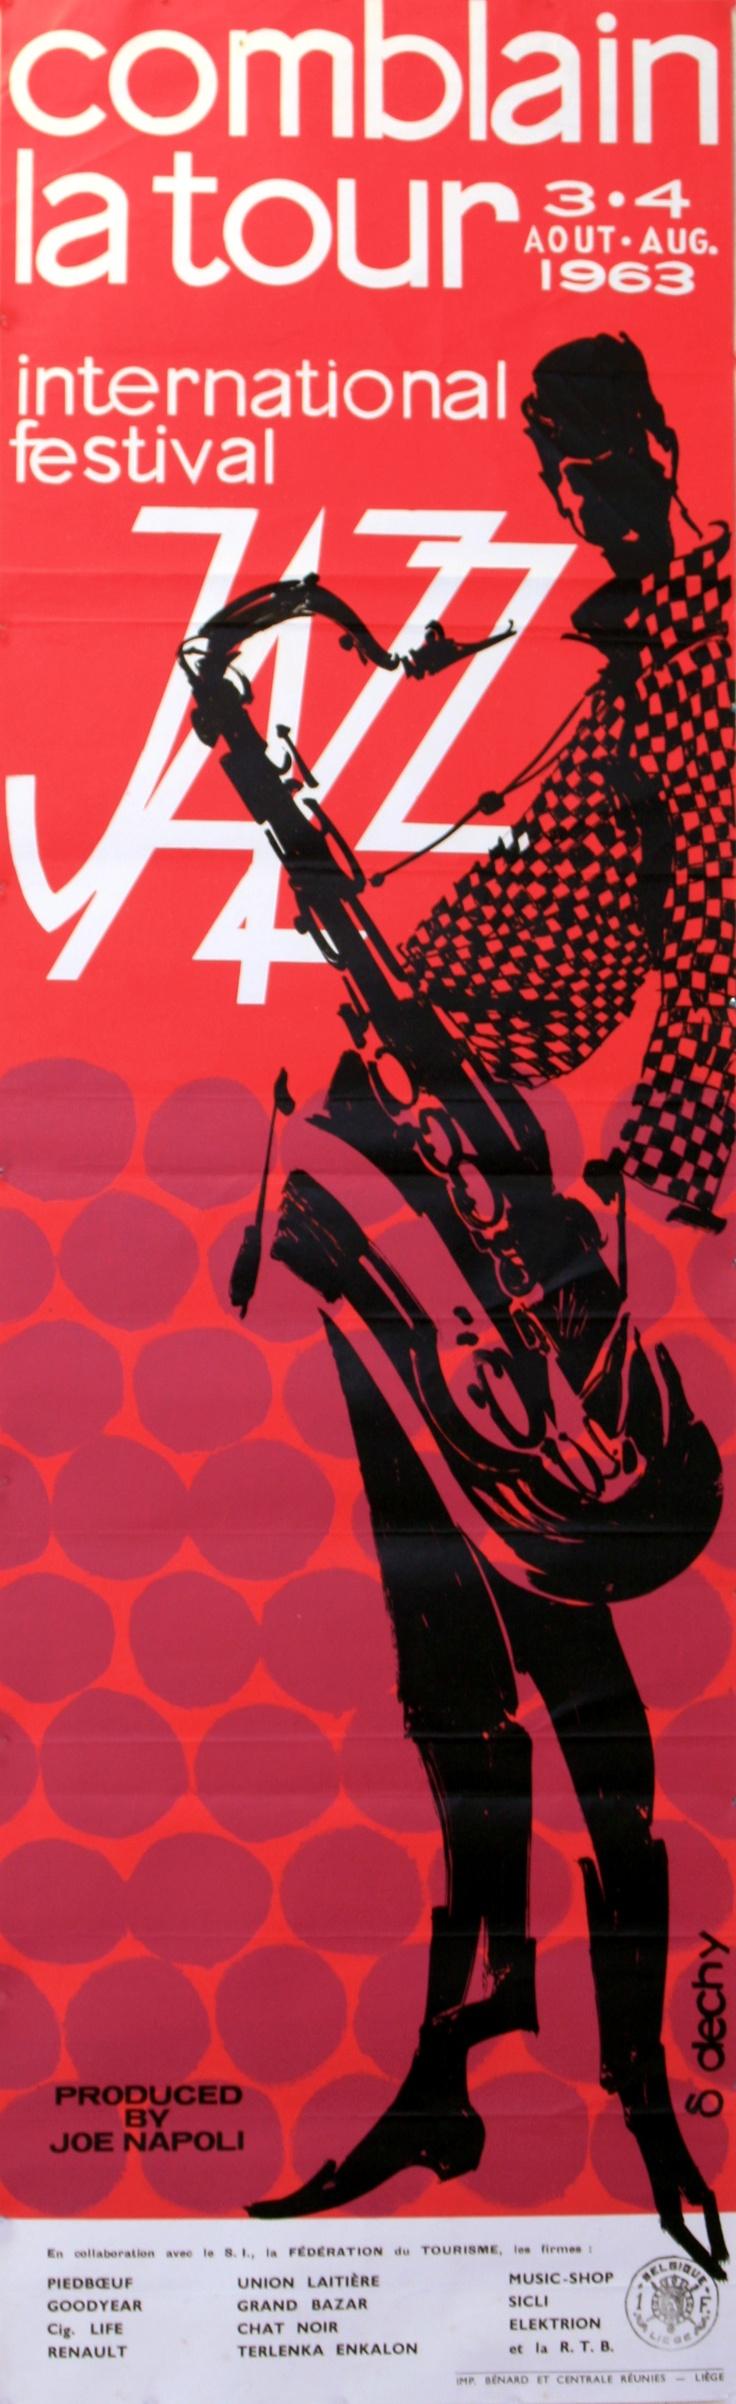 Comblain Jazz Festival 1963 - original vintage poster by S Dechy